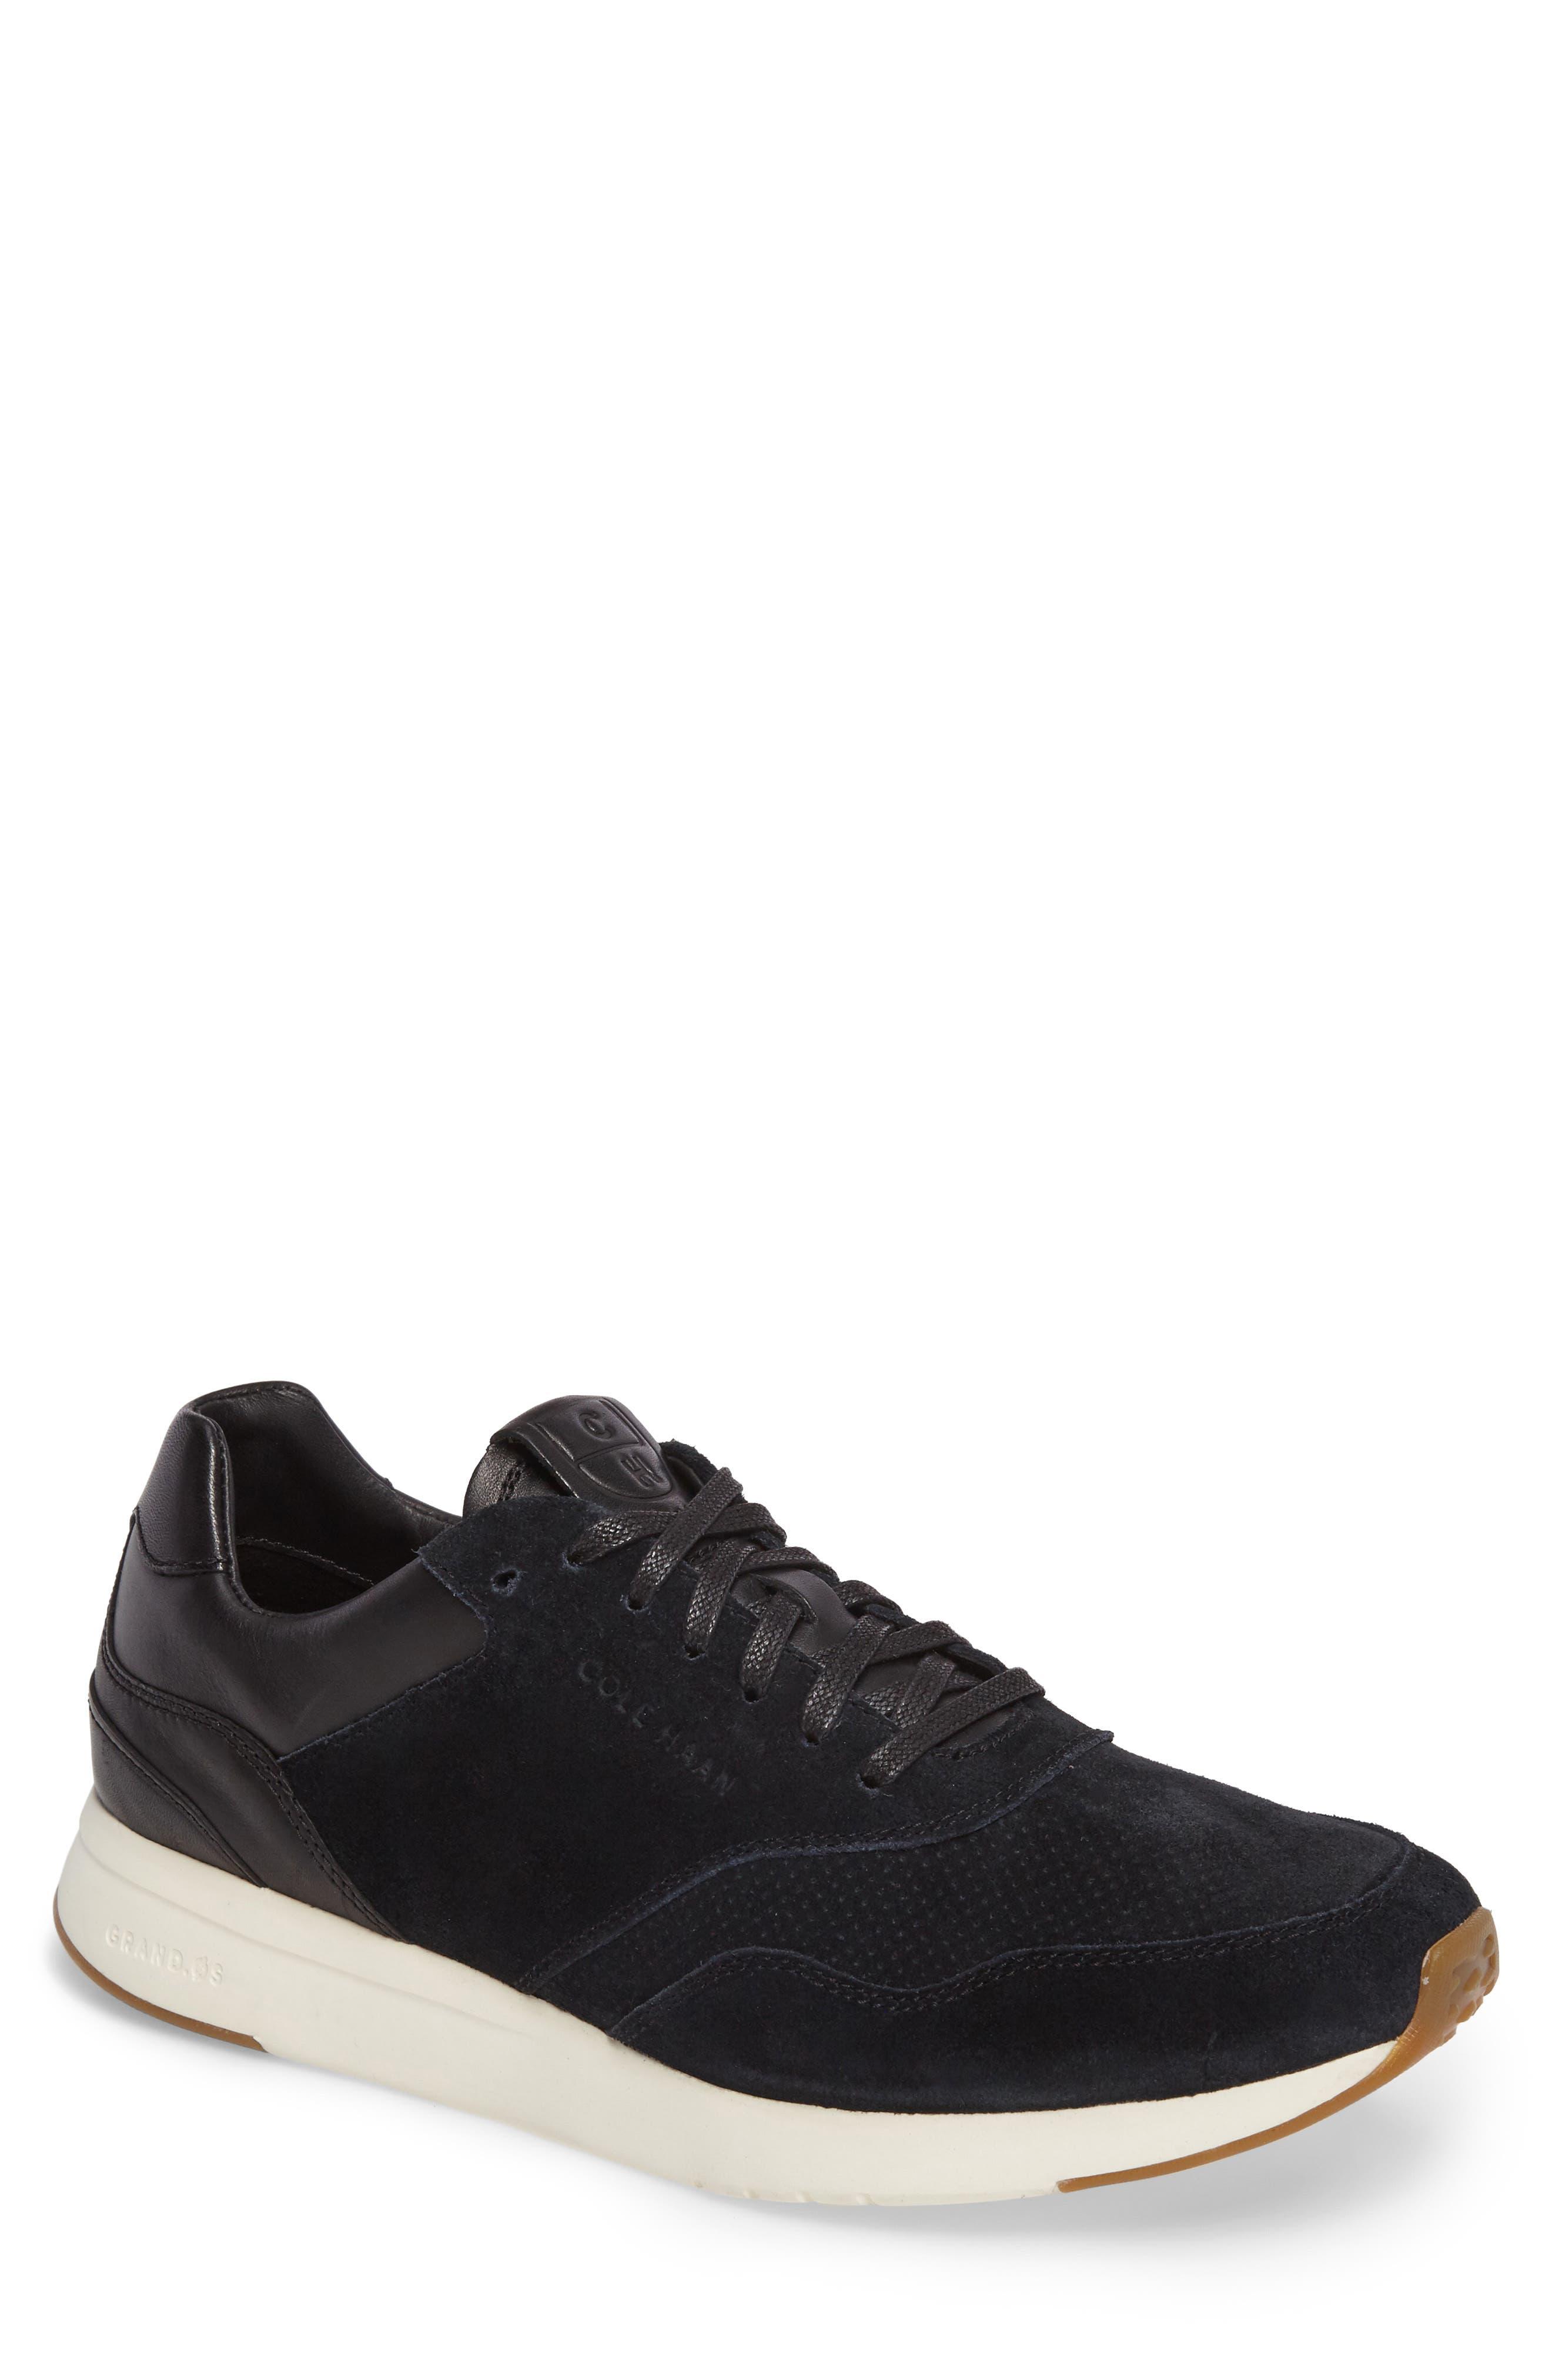 Cole Haan Grandpro Runner Sneaker Men